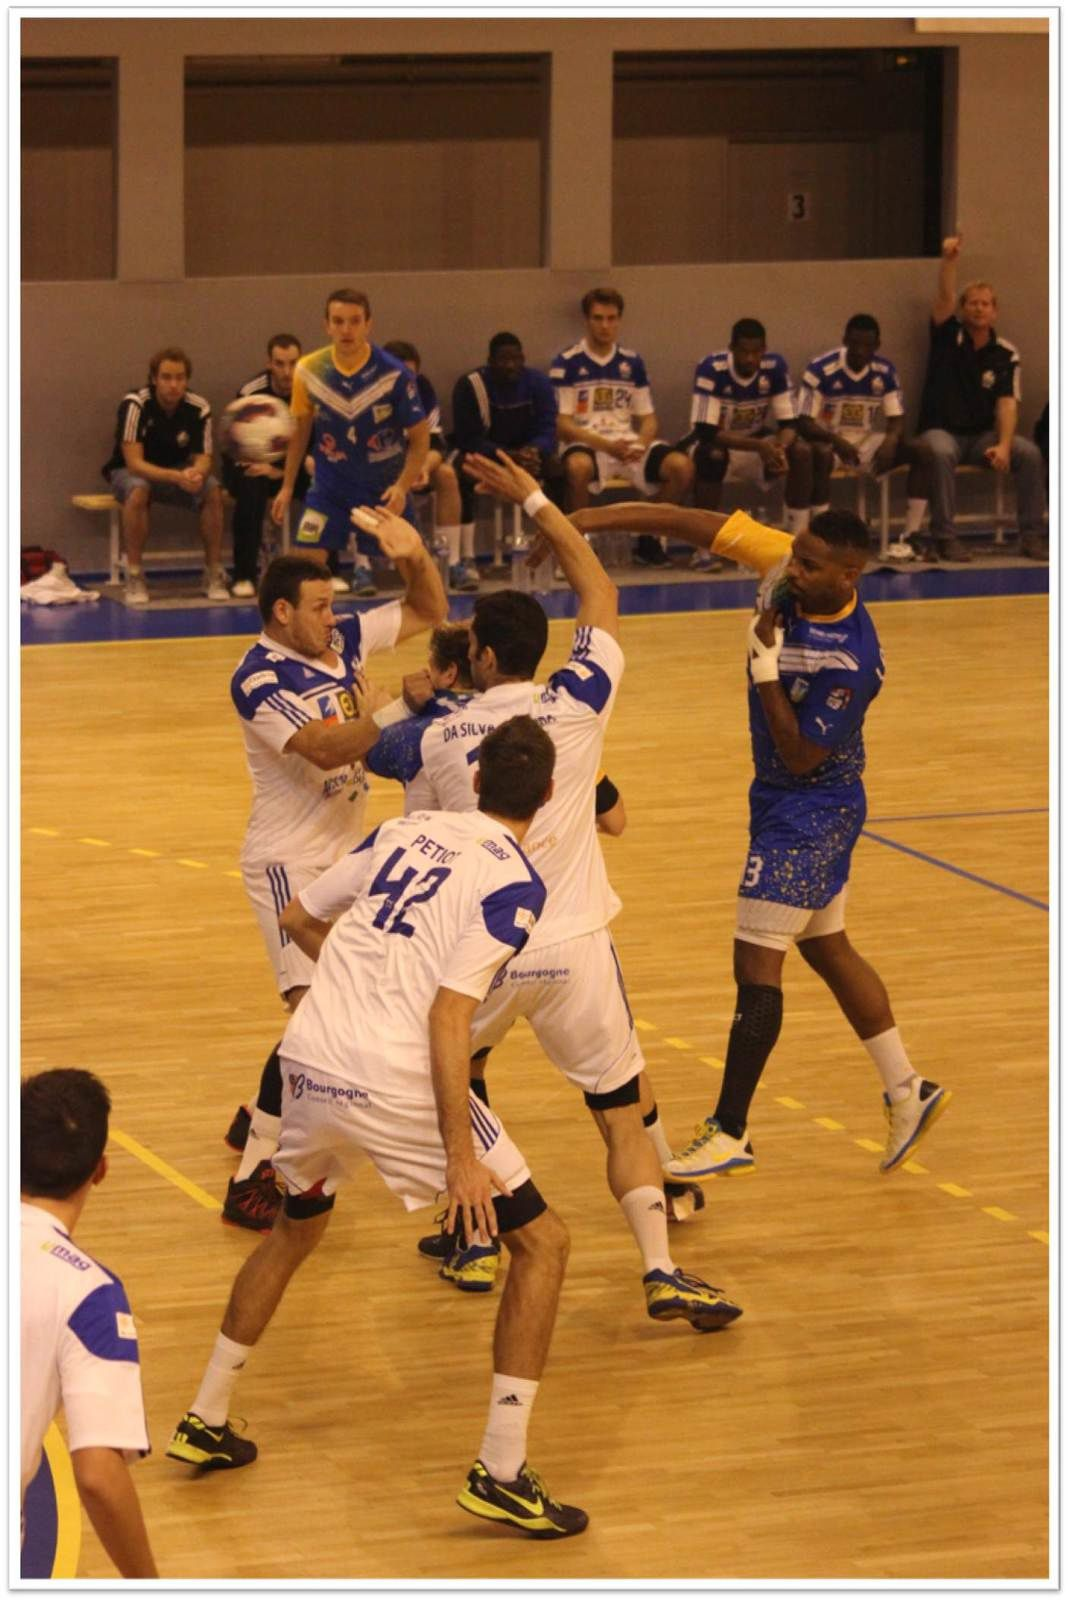 Pontault-Combault HB vs Dijon Bourgogne HB (ProD2 - 13.09.2014)